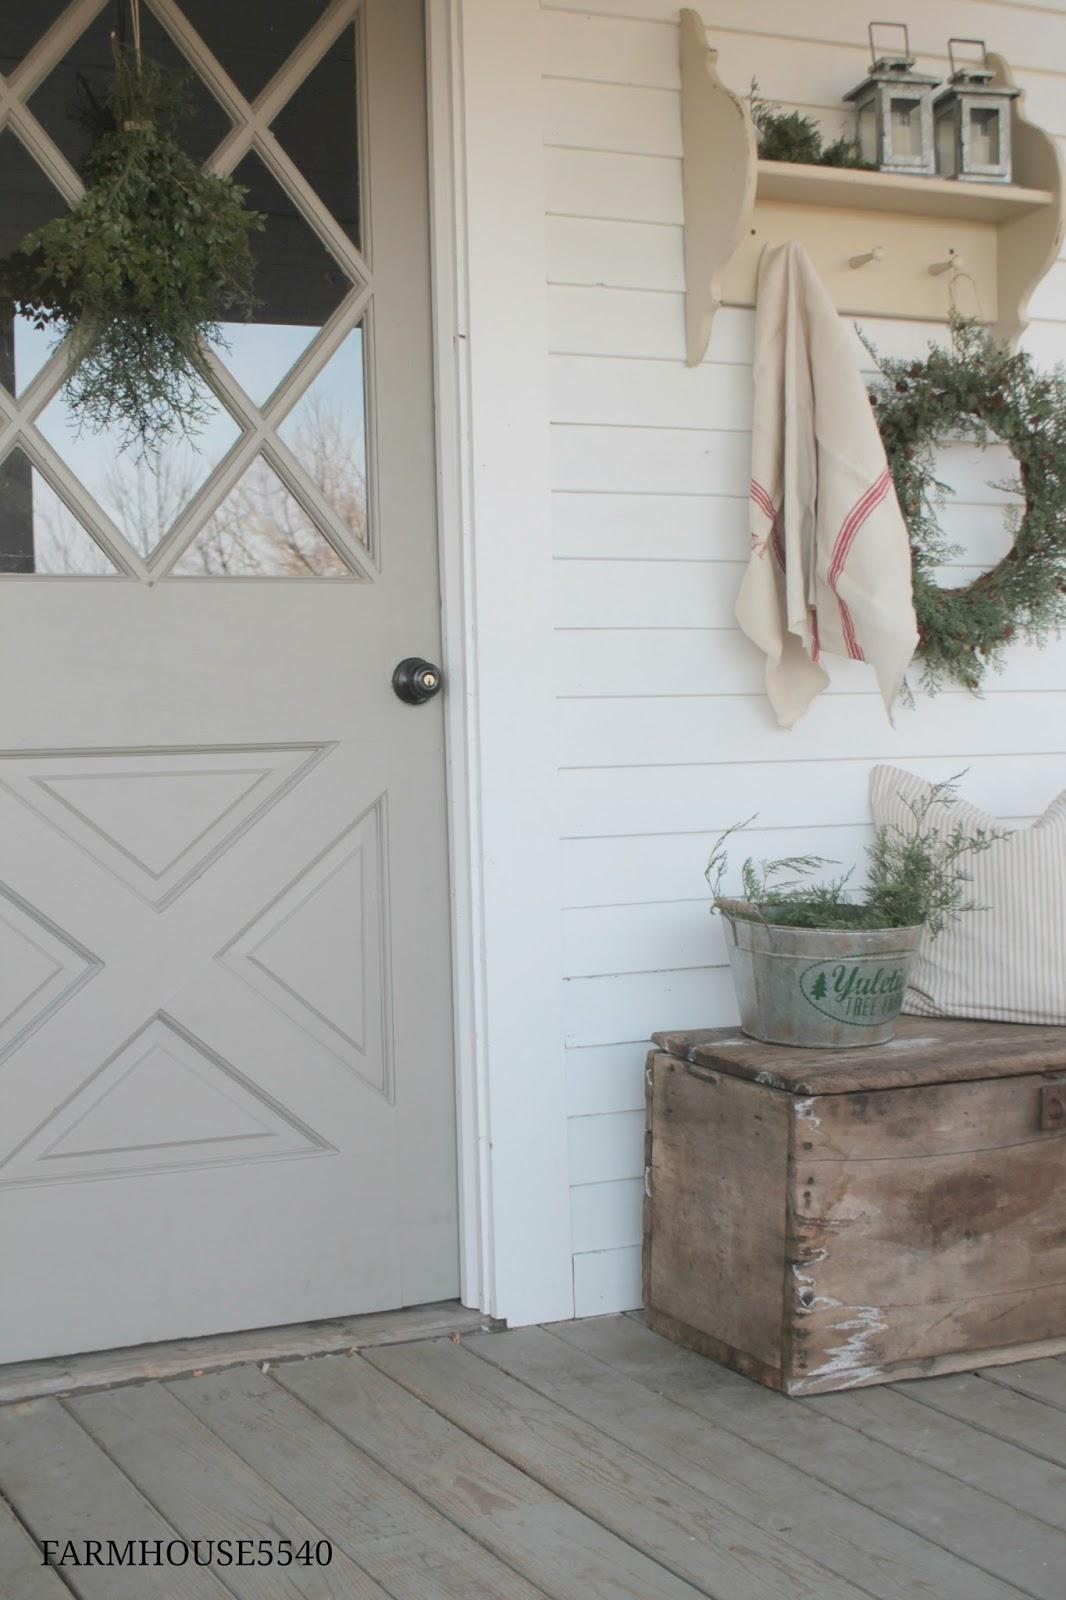 Farmhouse Front Door Ideas: FARMHOUSE 5540: Christmas Porch